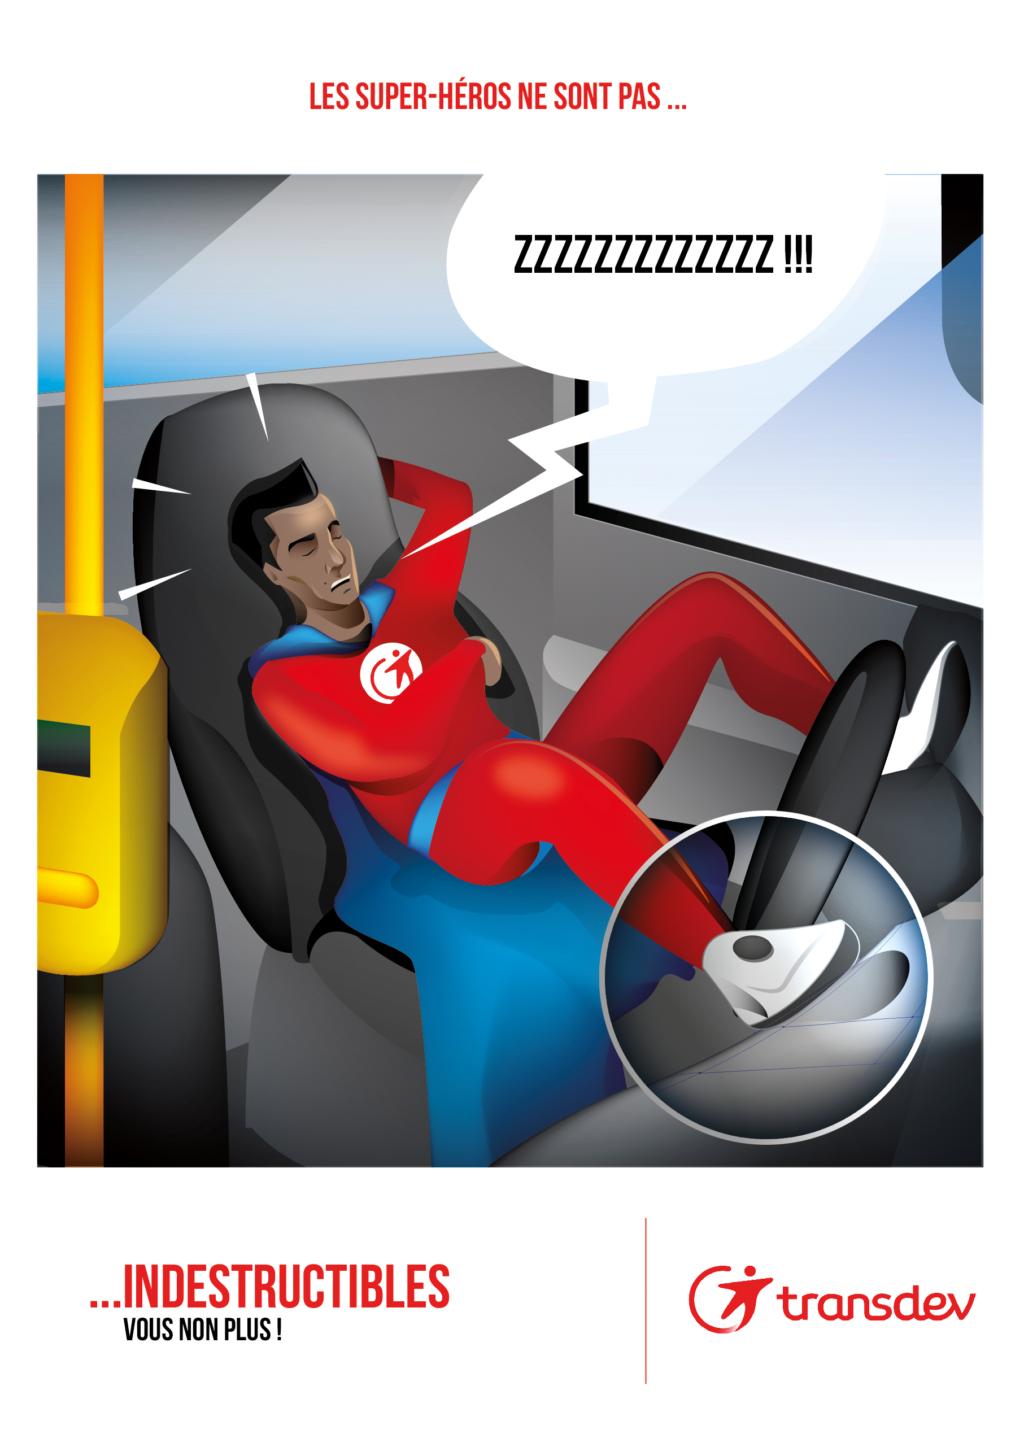 agence-de-publicite-val-d-europe-illustration7-transdev.jpg.png